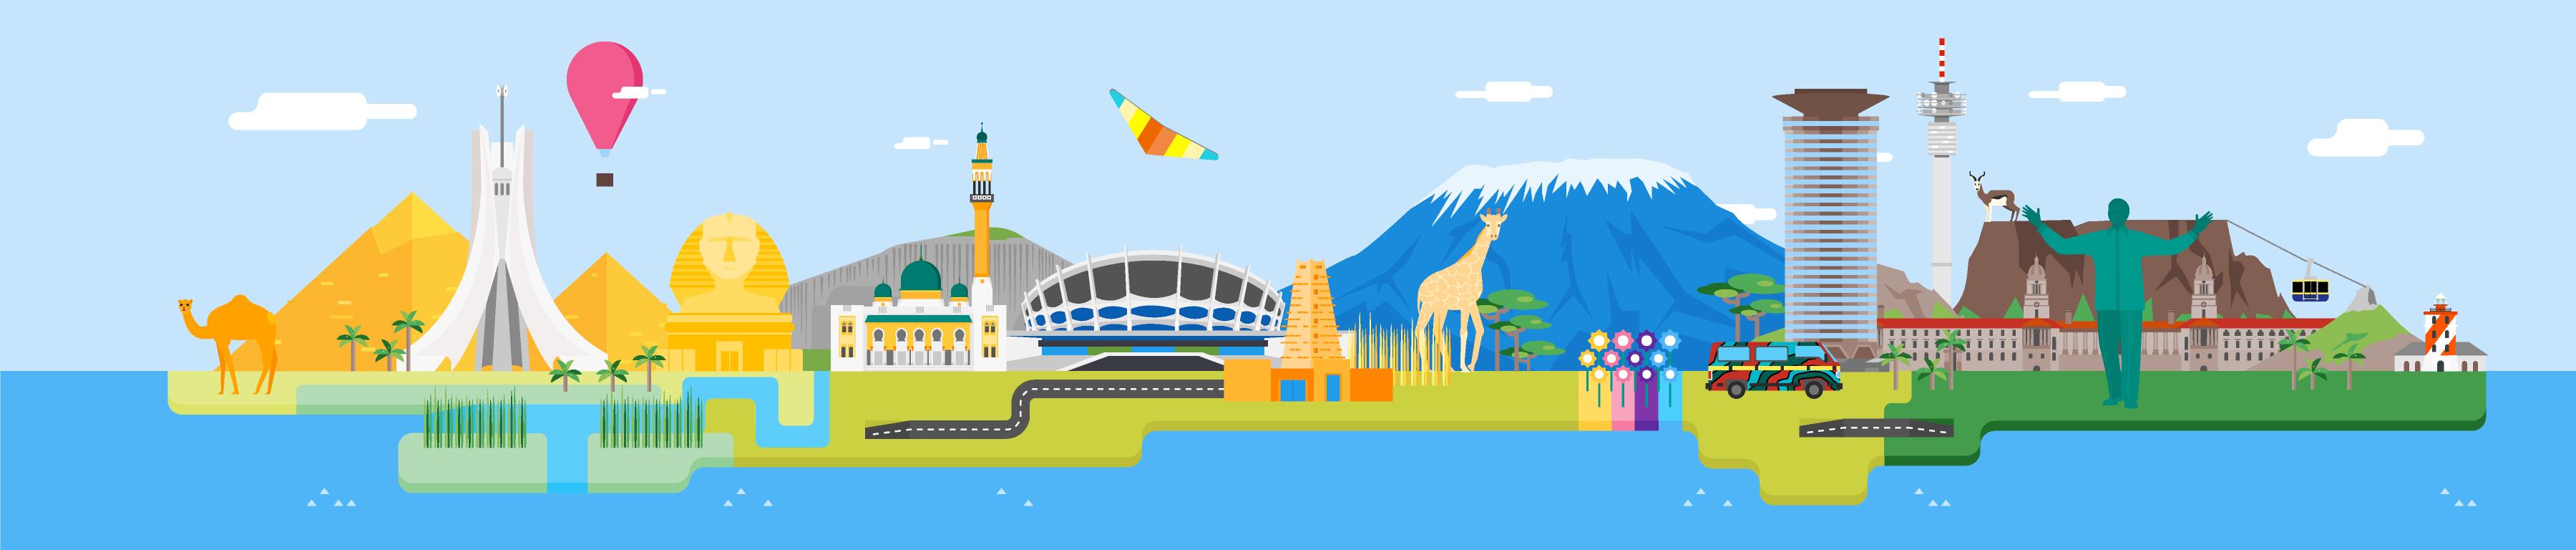 Google : Lancement du Programme Launchpad en Afrique pour soutenir les start-up technologiques